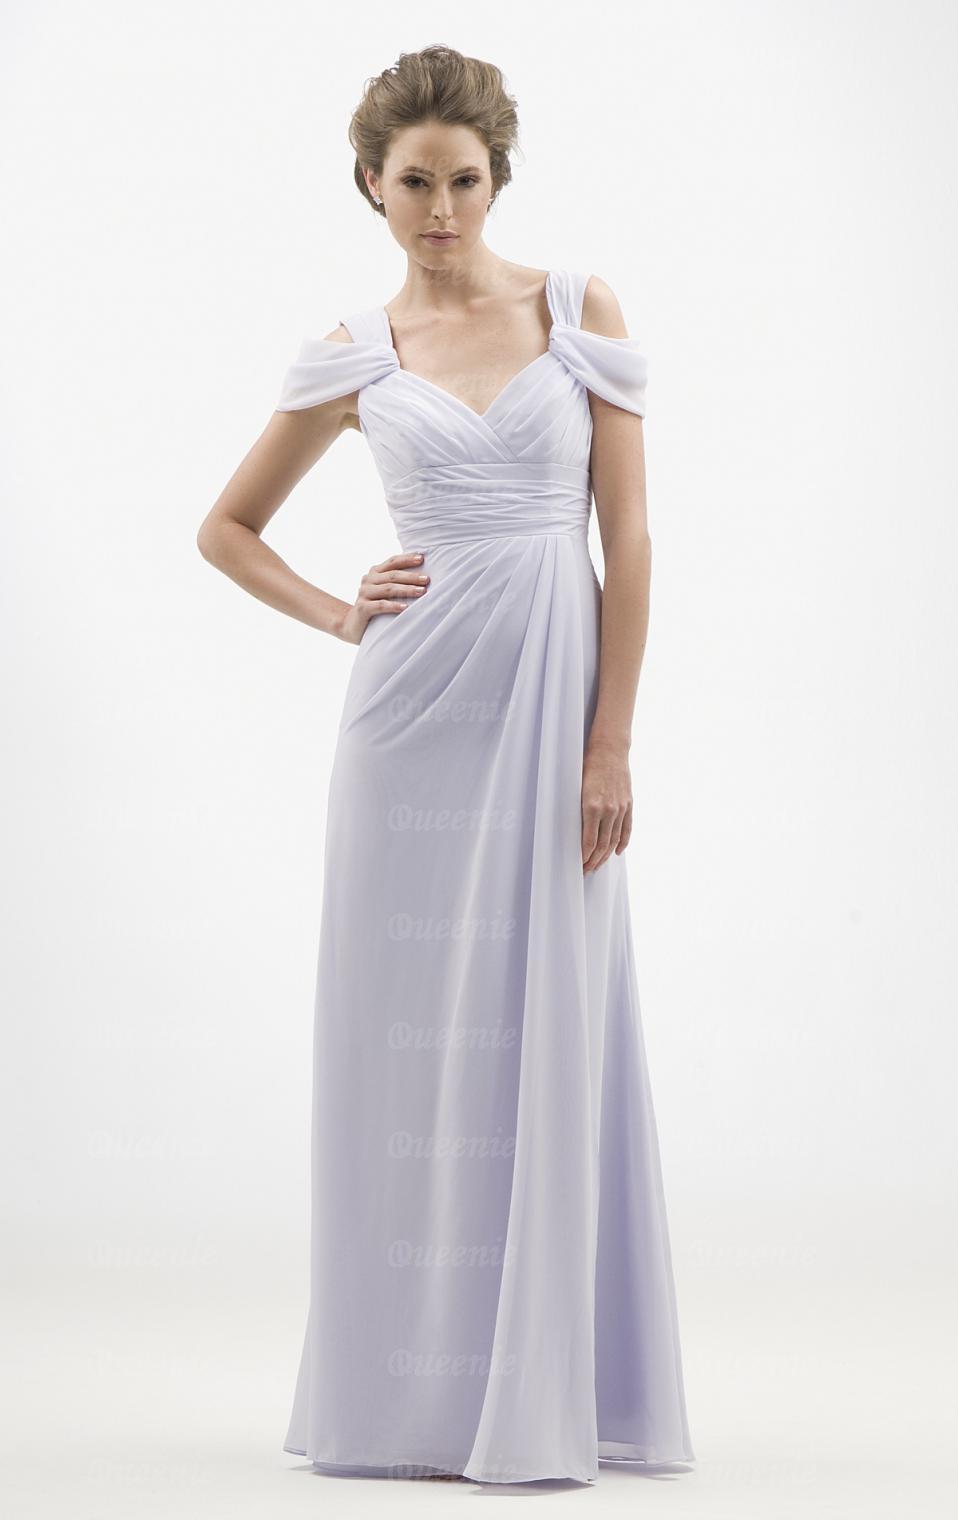 13 Ausgezeichnet Langes Abendkleid Weiß Design17 Schön Langes Abendkleid Weiß Stylish